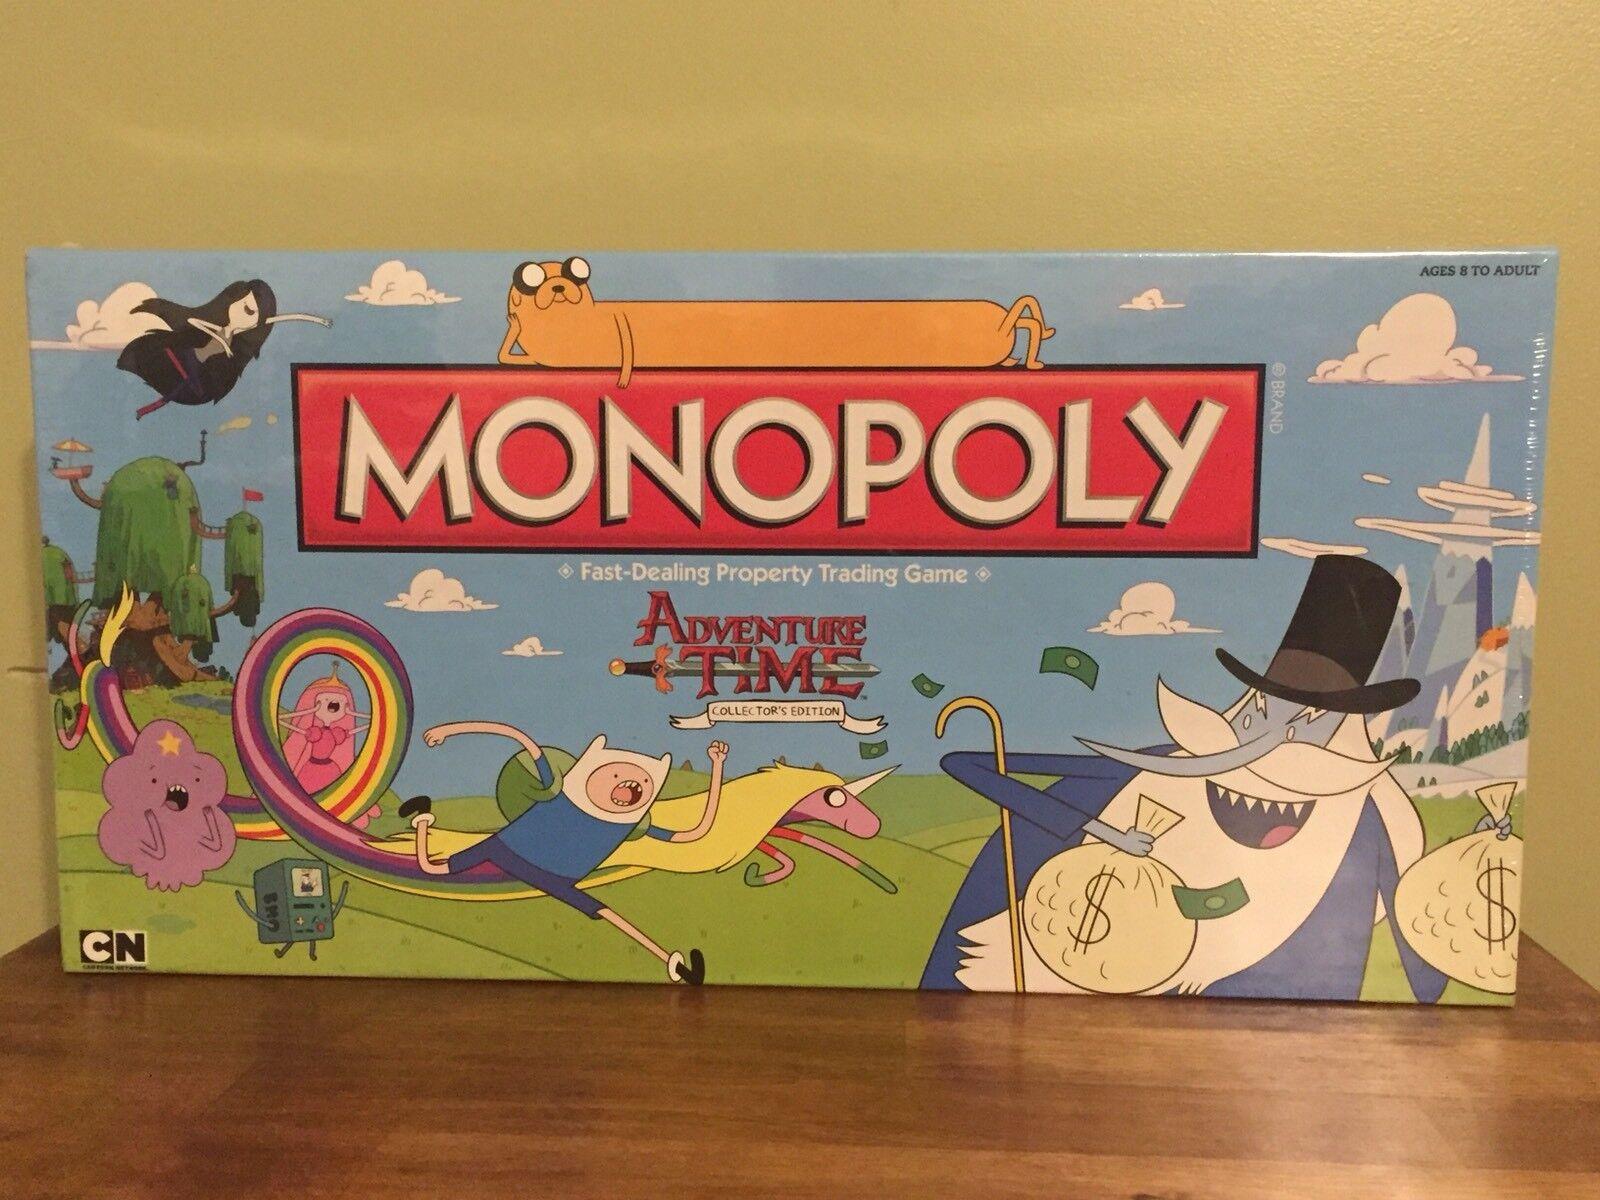 Neue abenteuer zeit monopol collector 's edition brettspiel versiegelt